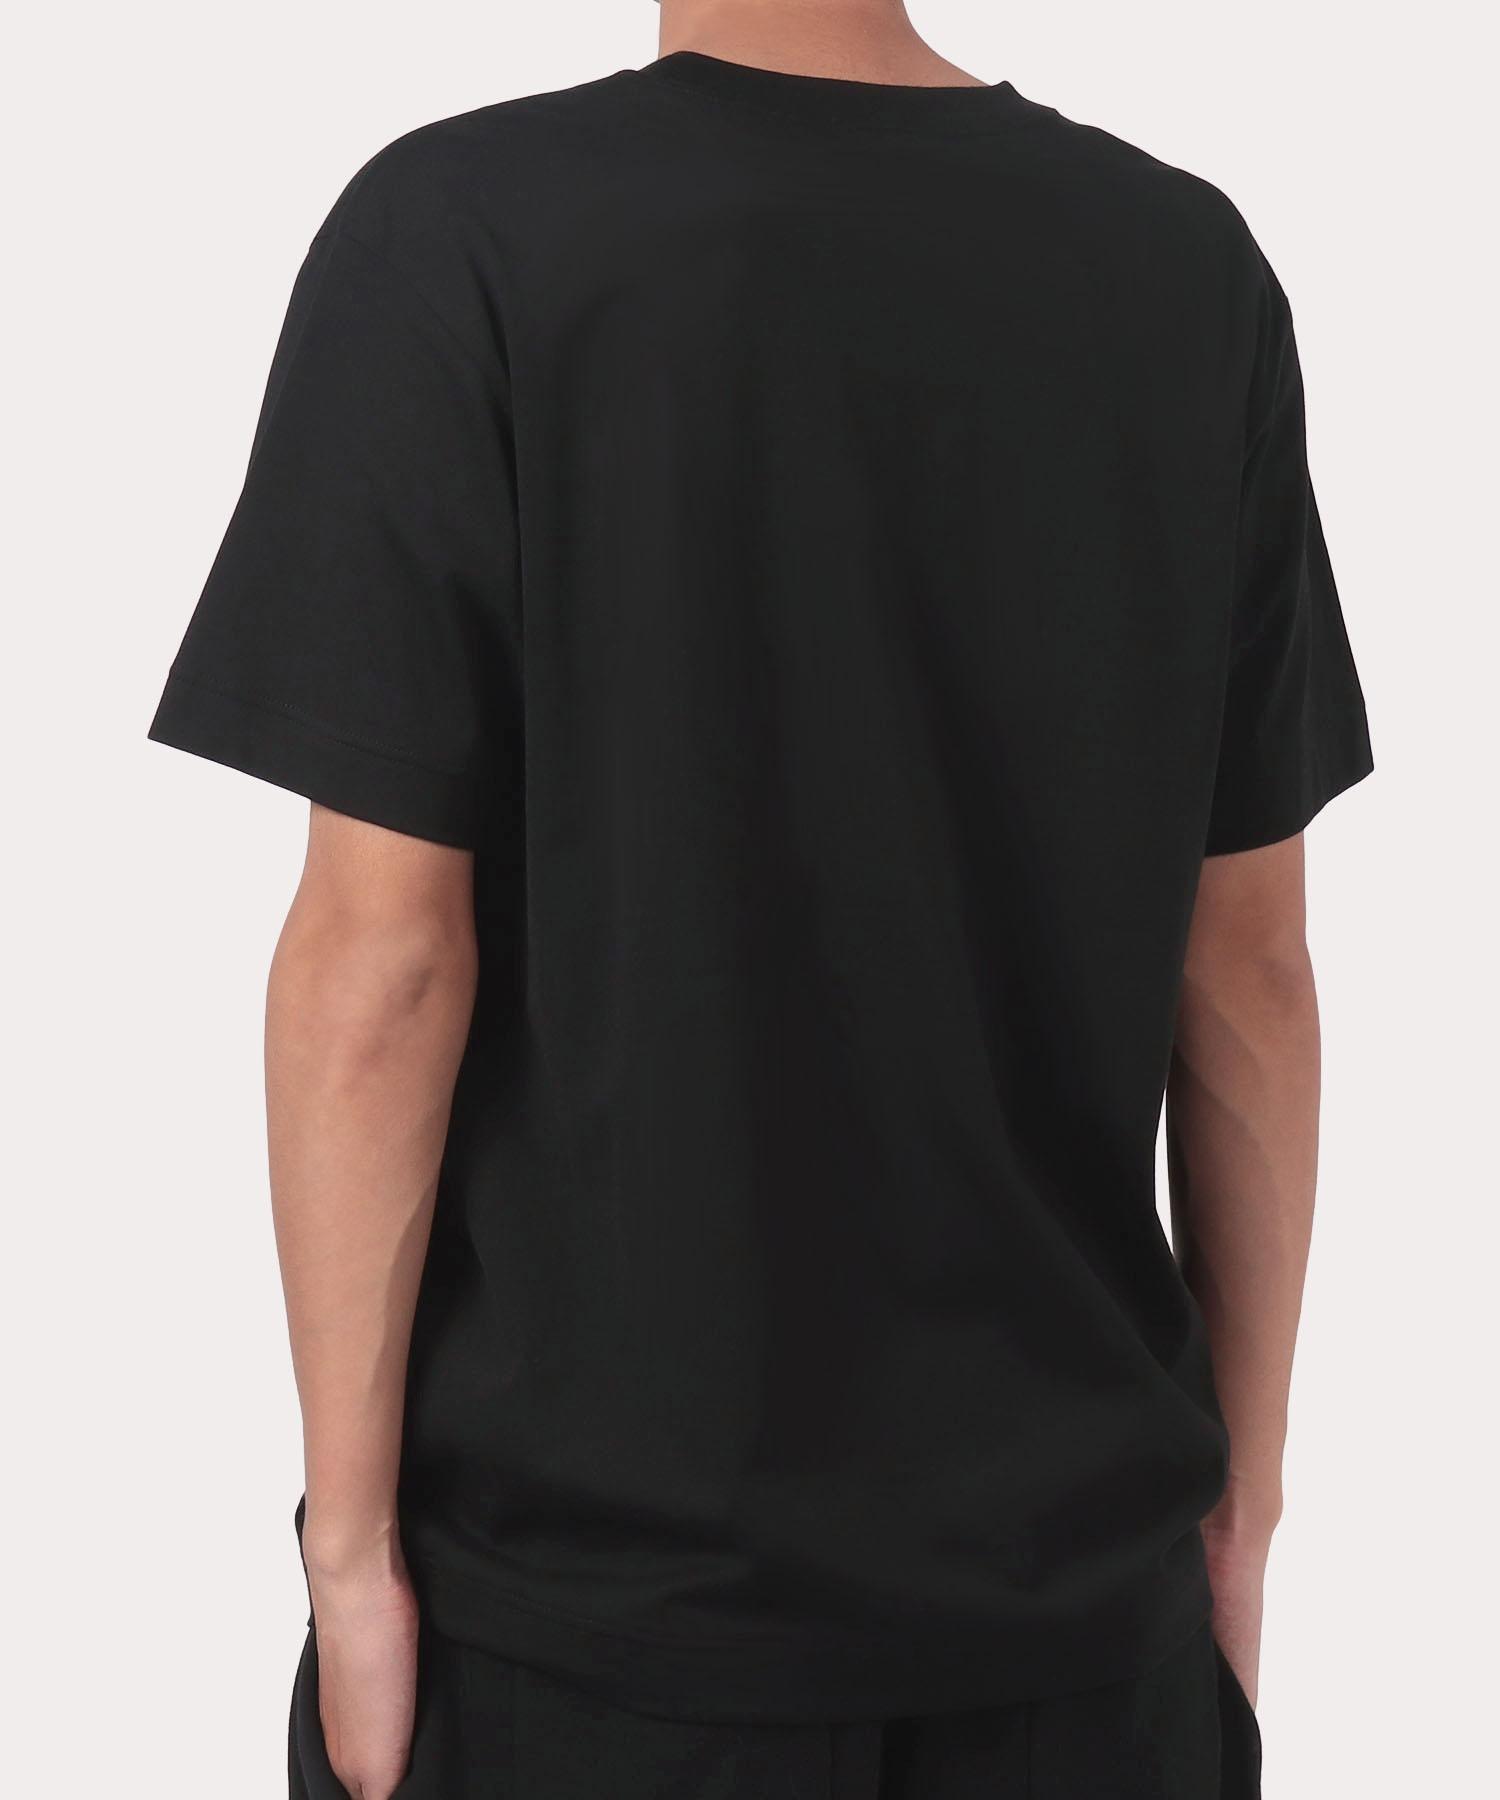 コットンラム 半袖Tシャツ